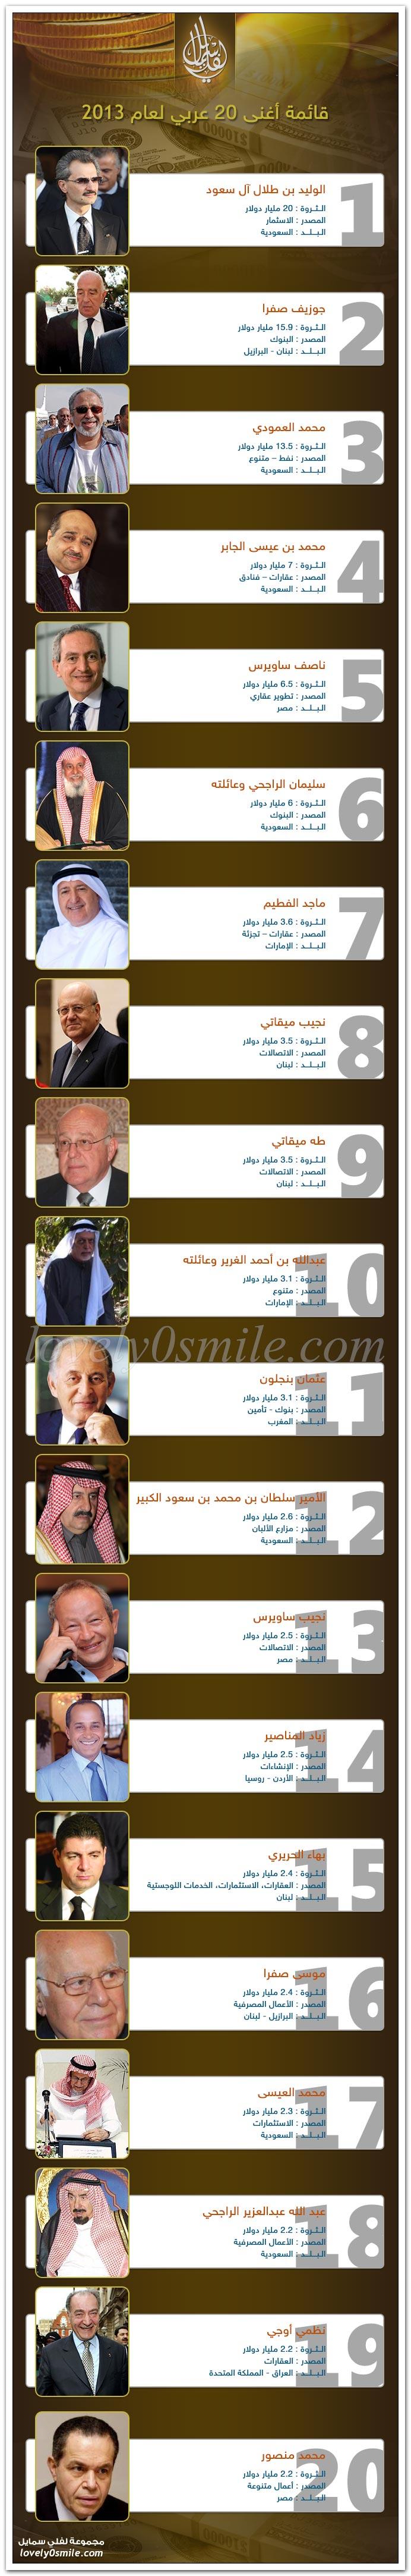 أغنى 20 عربي لعام 2013